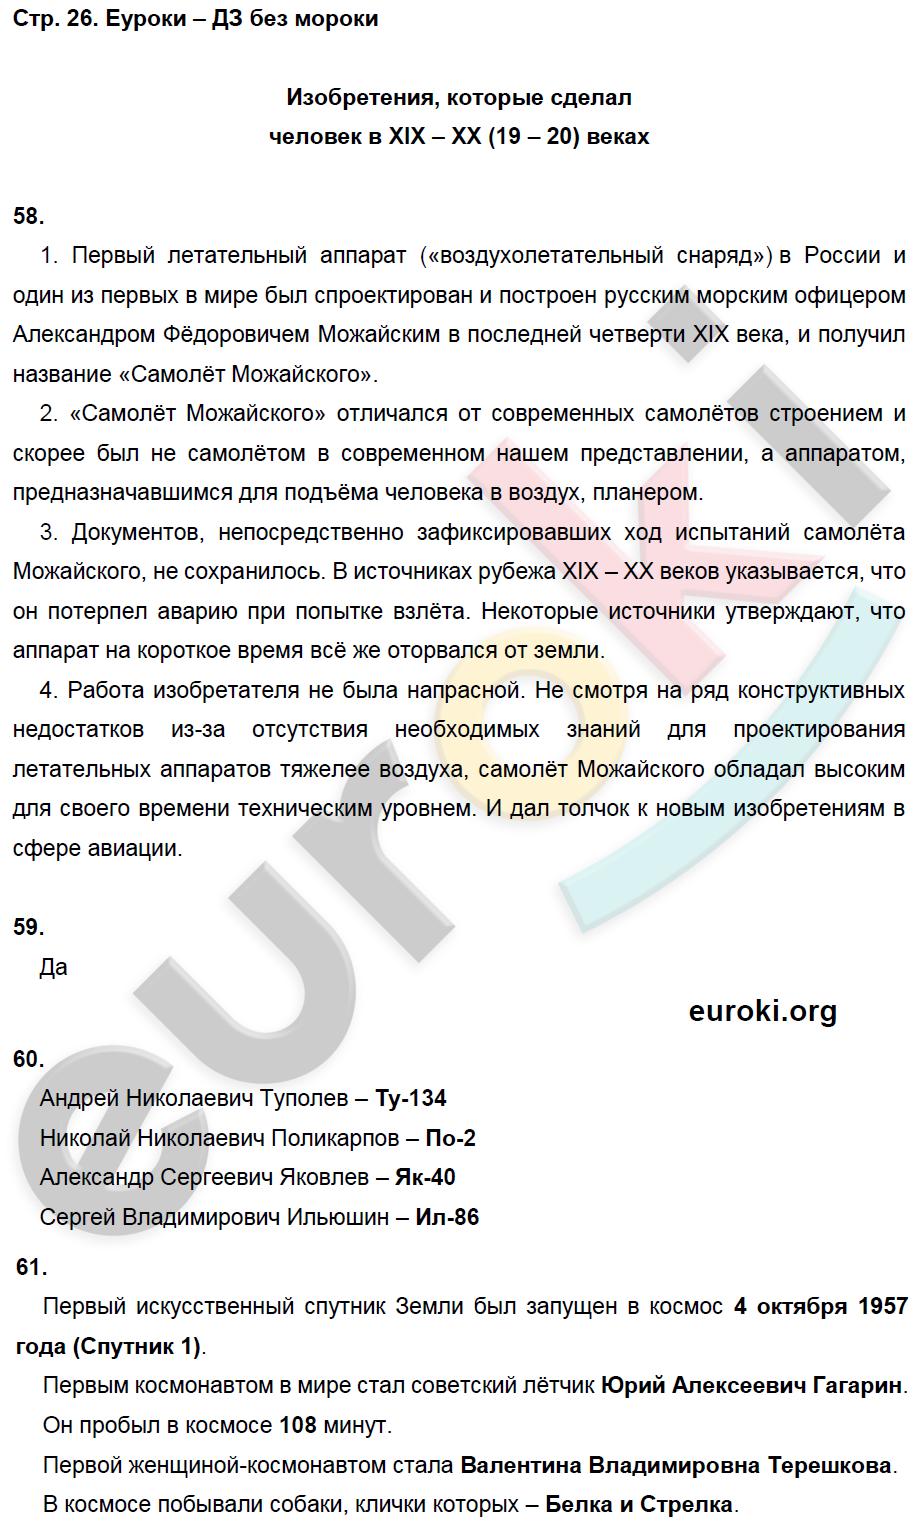 ГДЗ по окружающему миру 3 класс рабочая тетрадь Виноградова, Калинова Часть 1, 2. Задание: стр. 26